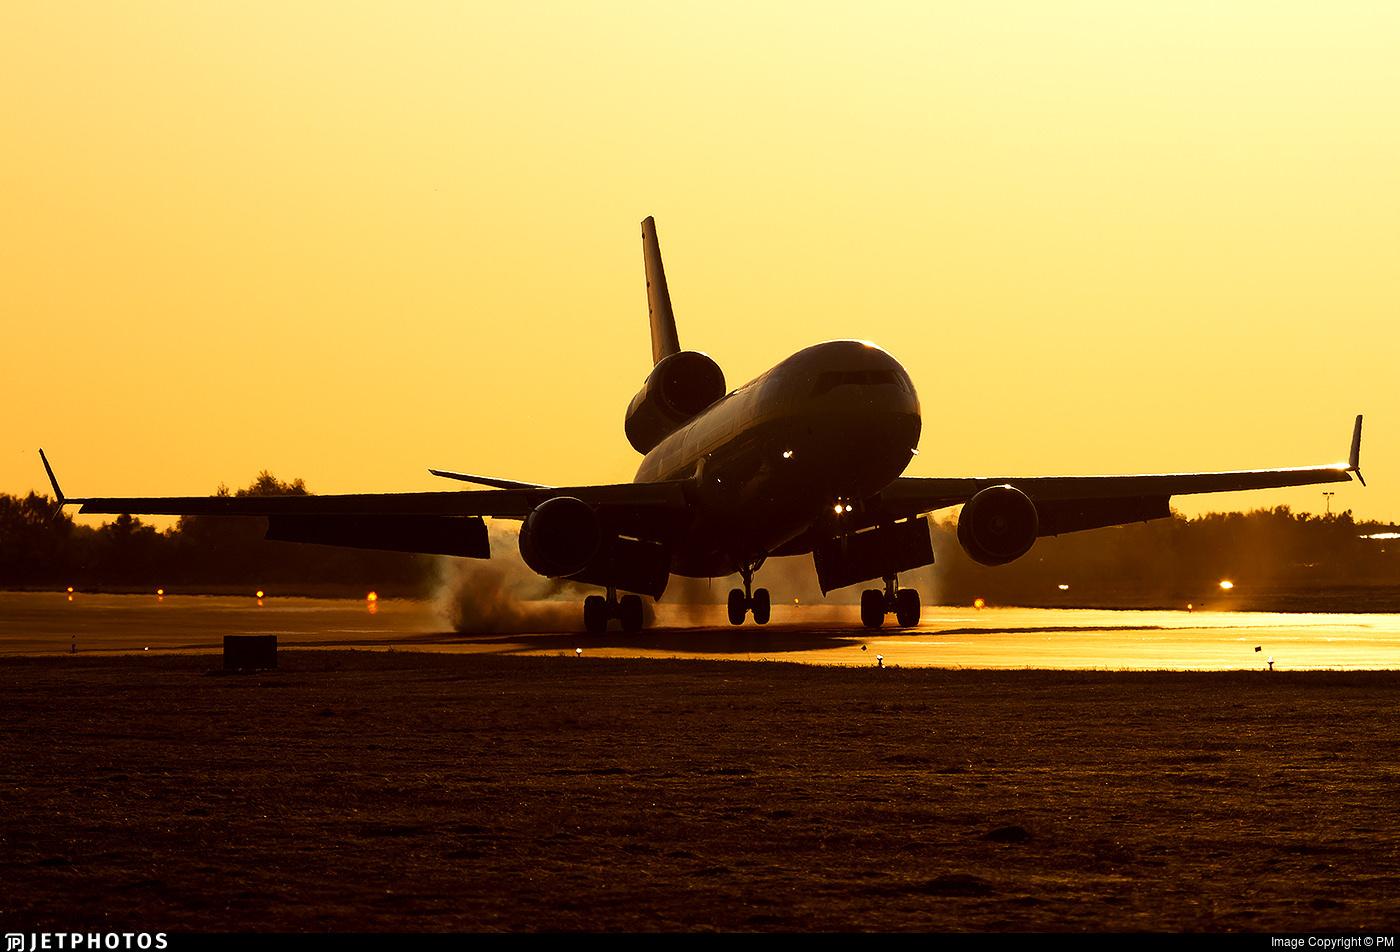 An MD-11 cargo aircraft